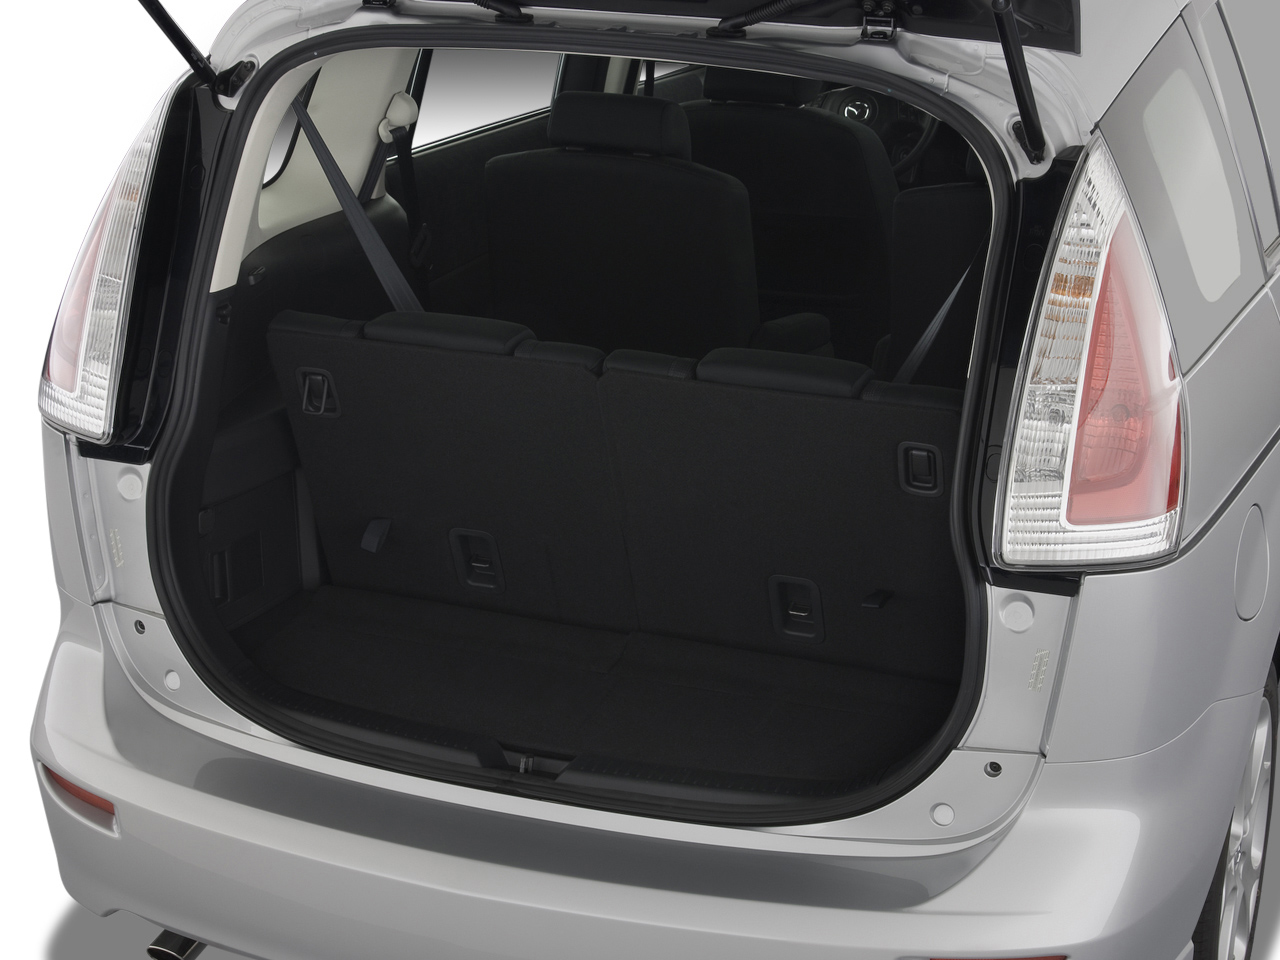 2009 Mazda Mazda5 Image 20